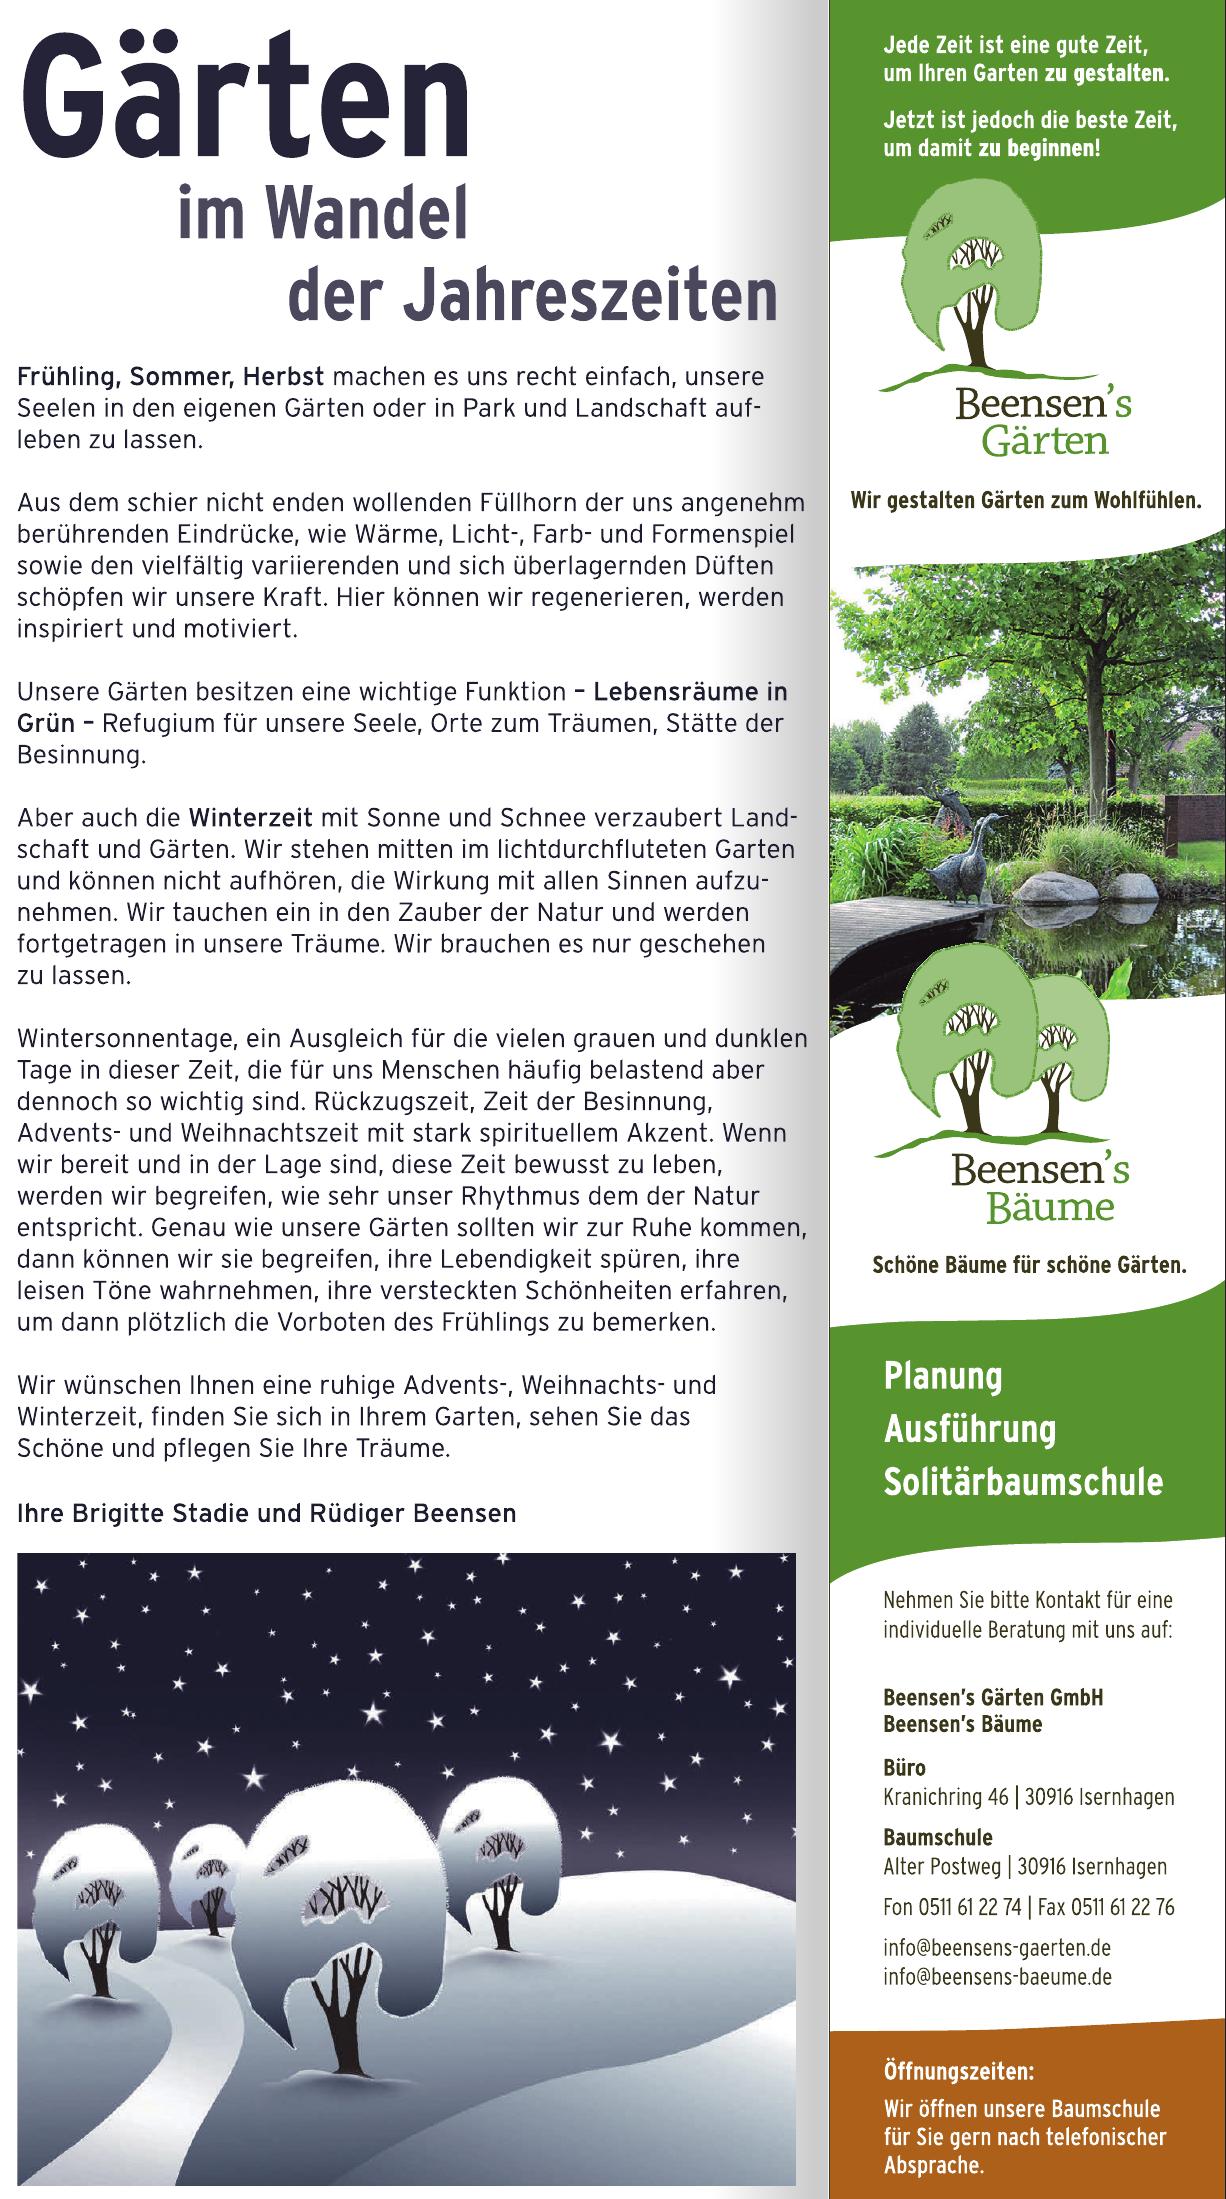 Beensen's Garten GmbH  Beensen's Bäume